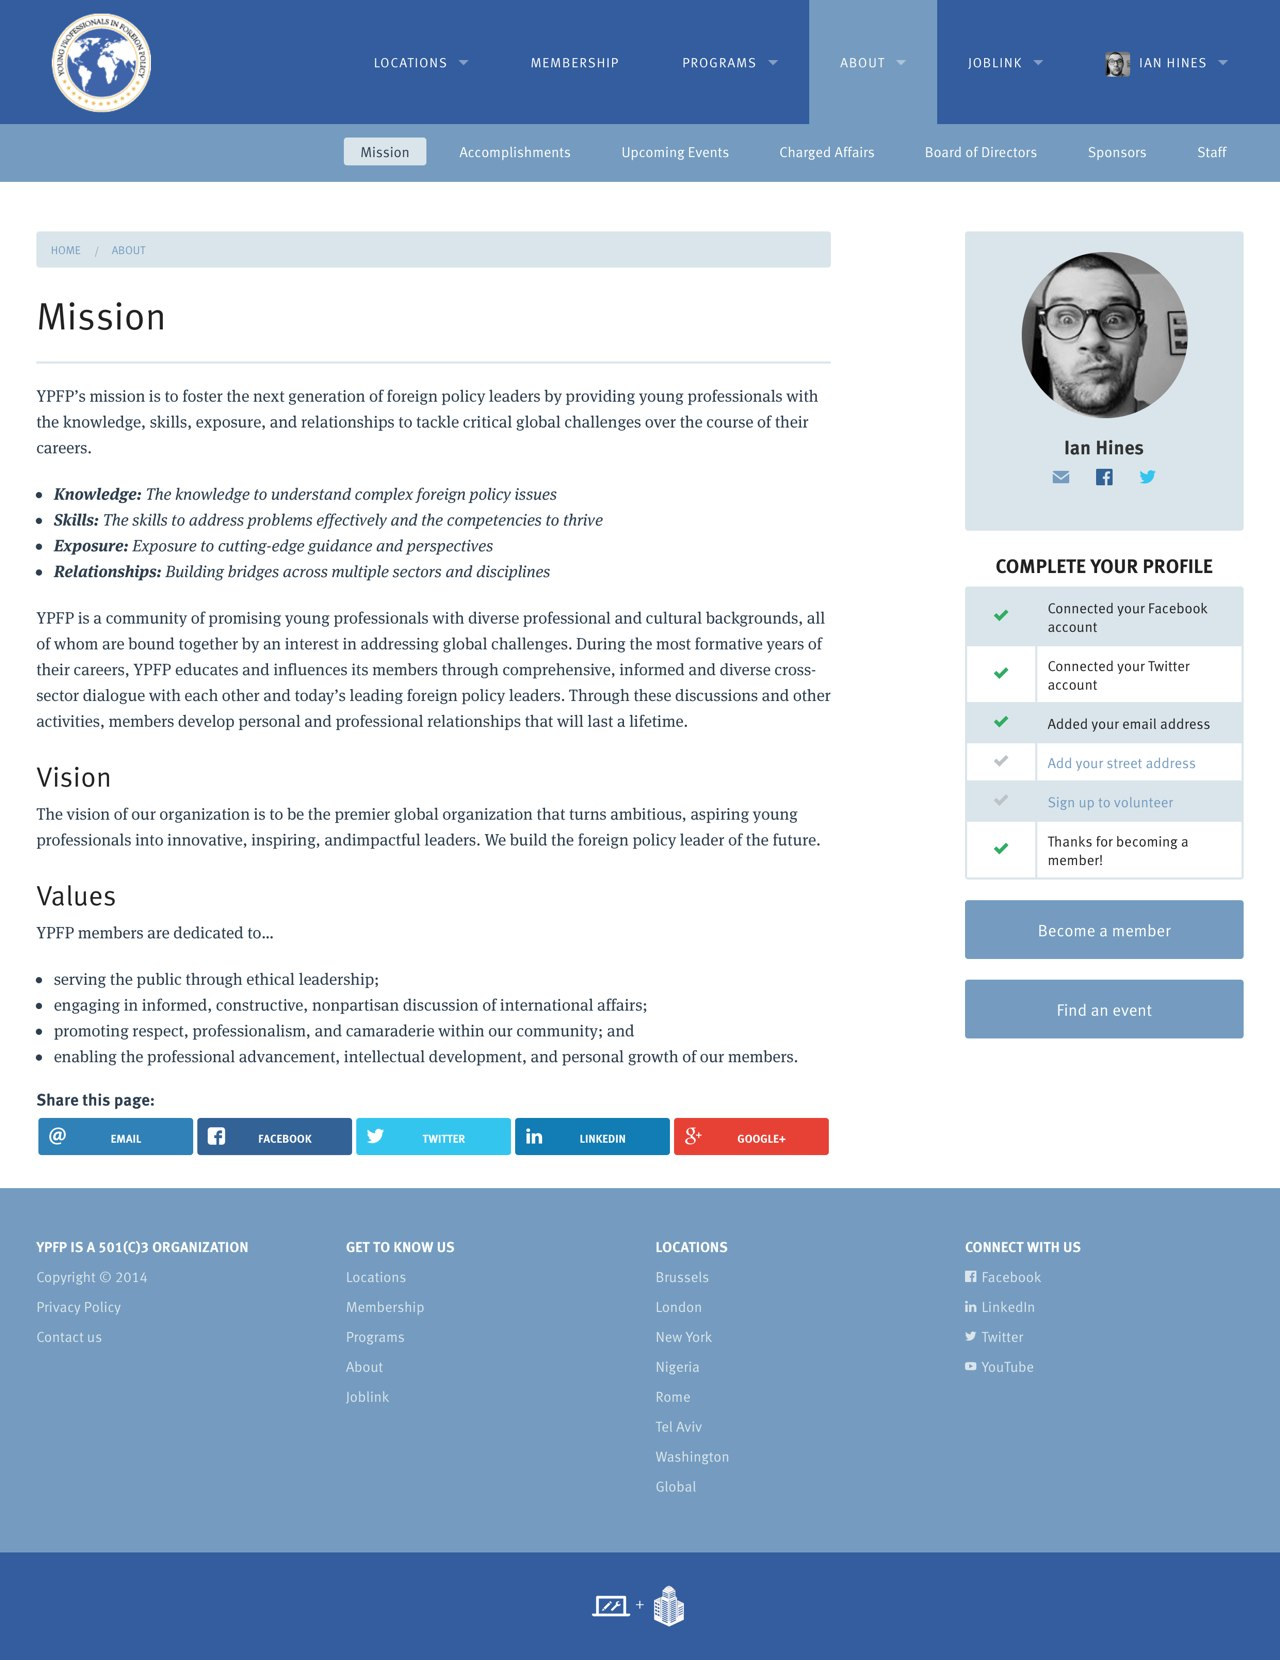 Screenshot: A Basic Page